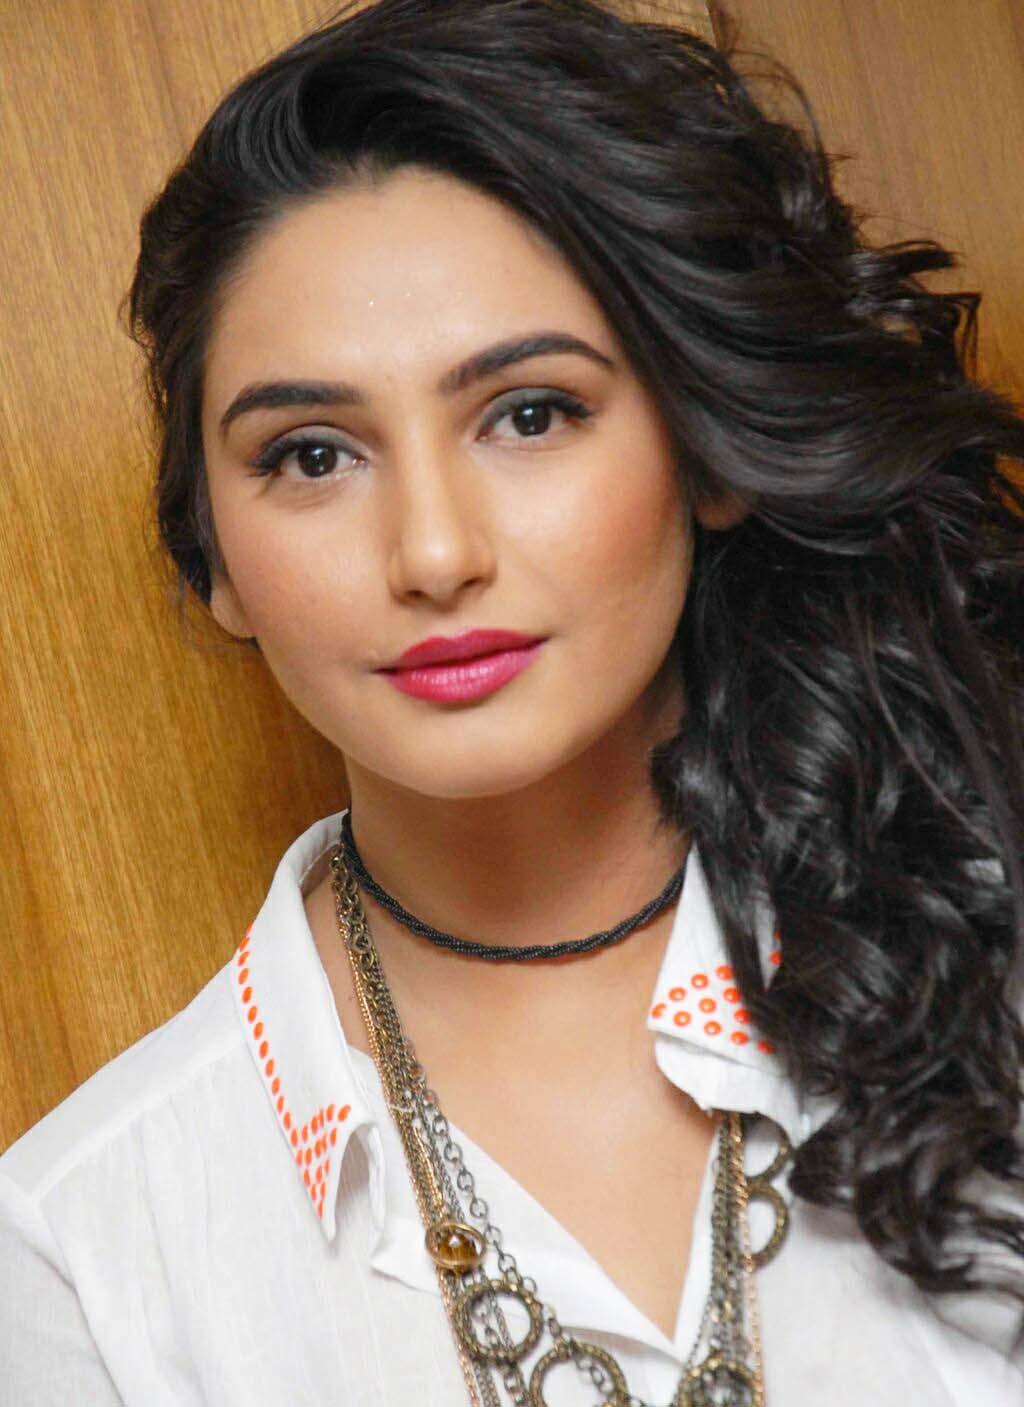 Actress pooja kumar hot scene - 3 8